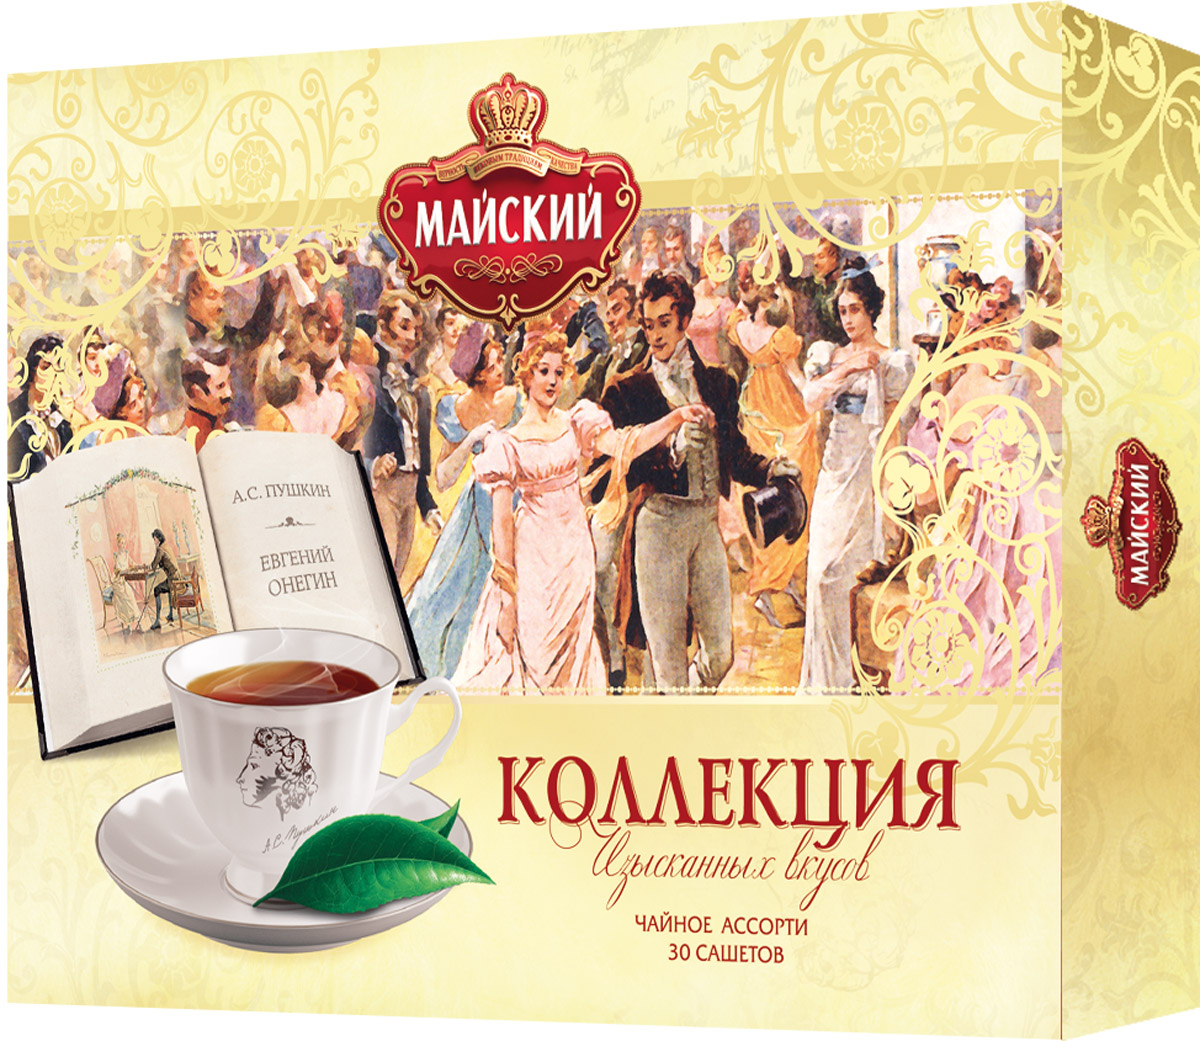 Майский Коллекция Изысканных вкусов Чайное ассорти черный чай в пакетиках, 30 шт0120710Черный чай в пакетиках Коллекция Изысканных вкусов - уникальная коллекция вкусов чая Майский в изысканном подарочном формате упаковки.В набор входят: Благородный Цейлон: совершенство классики. Исключительный обволакивающий нежный вкус Высокогорного Цейлонского чая с выраженным цветочным ароматом.Ароматный бергамот: безупречное сочетание насыщенного черного чая и свежих цитрусовых ноток.Душистый чабрец: абсолютная гармония черного чая и летнего пряного аромата чабреца.Смородина с мятой: волнующее сочетание вкуса черного чая, сочной спелой смородины и натуральной мяты.Пряный Восток: насыщенный вкус черного чая с пряными нотками кардамона и согревающим ароматом корицы.Уважаемые клиенты! Обращаем ваше внимание на то, что упаковка может иметь несколько видов дизайна. Поставка осуществляется в зависимости от наличия на складе.